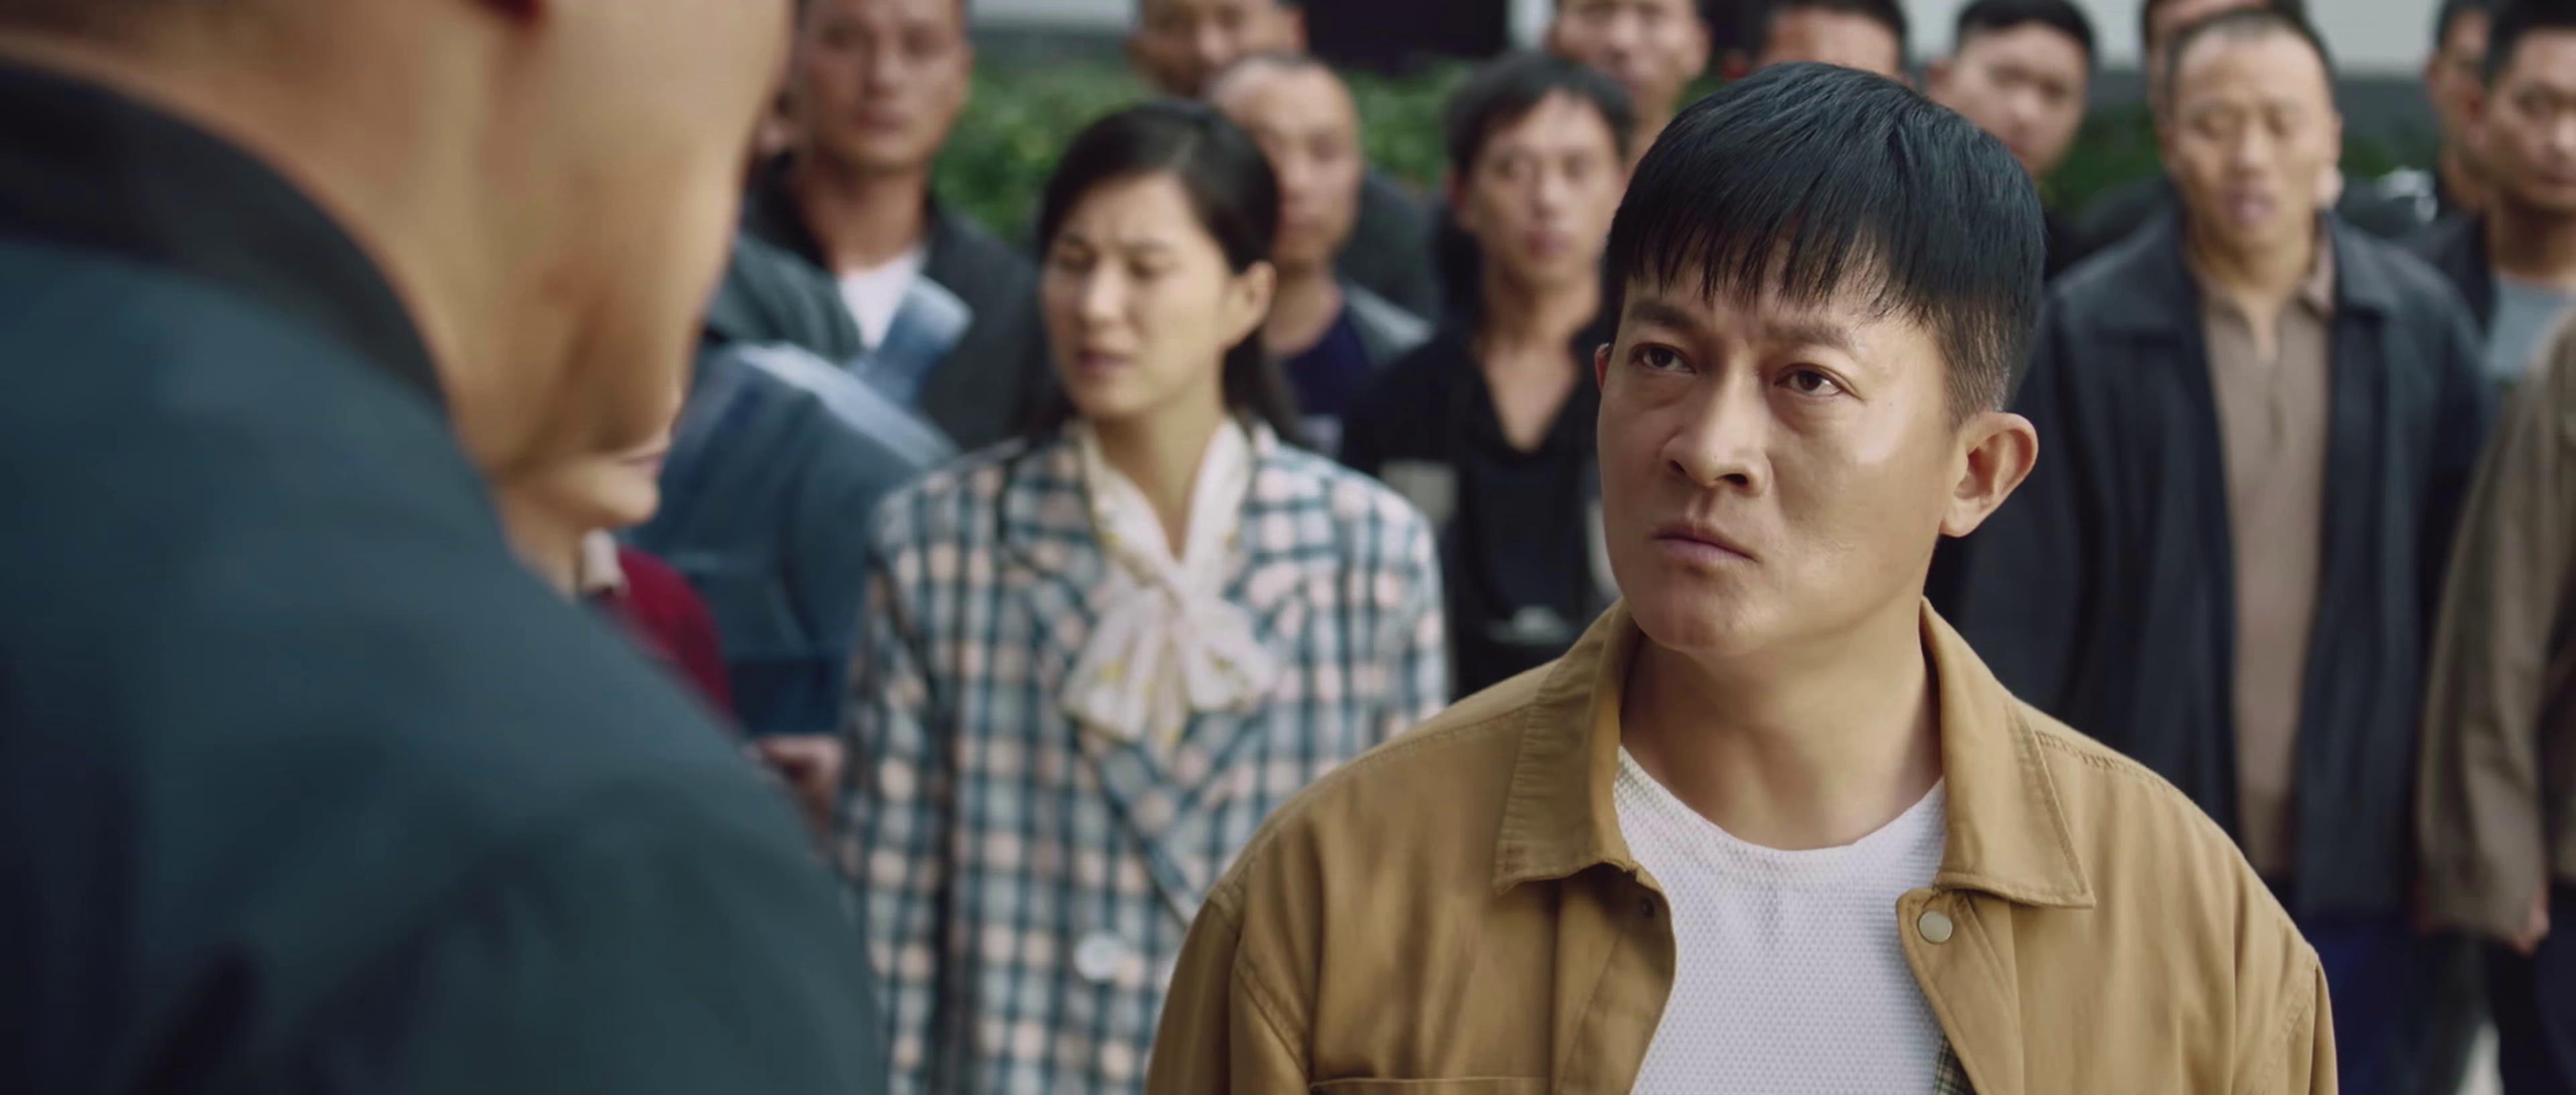 悠悠MP4_MP4电影下载_[我来自北京之按下葫芦起来梨][WEB-MP4/9.69GB][国语配音/中文字幕][4K-2160P][H265编码][驻村干部,正能量,喜剧,我